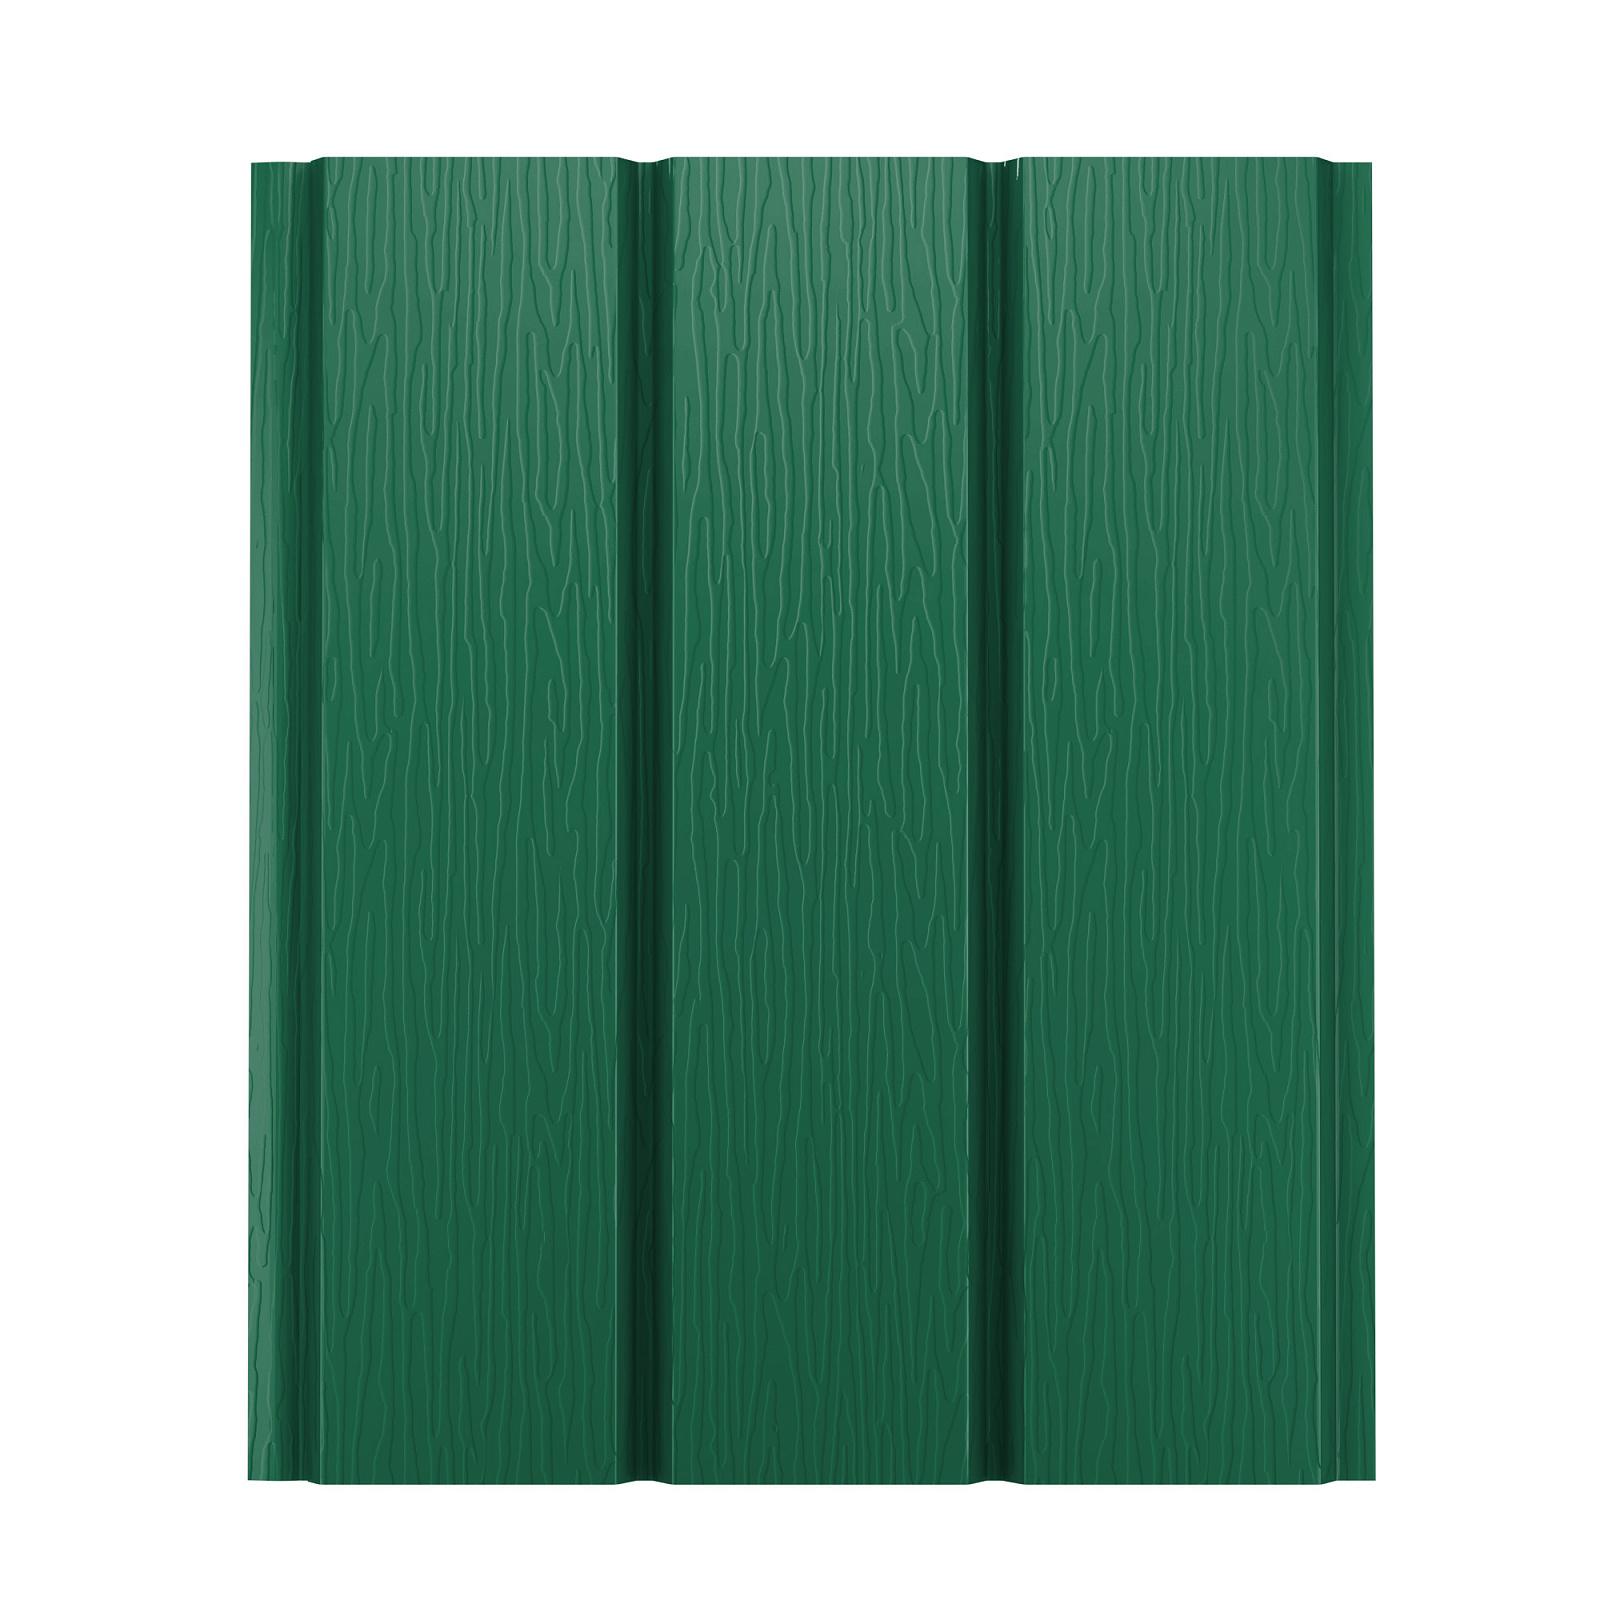 Софит металлический AquaSystem без перфорации Pural 275 г/м2, 2,4 м зеленый RAL 6005